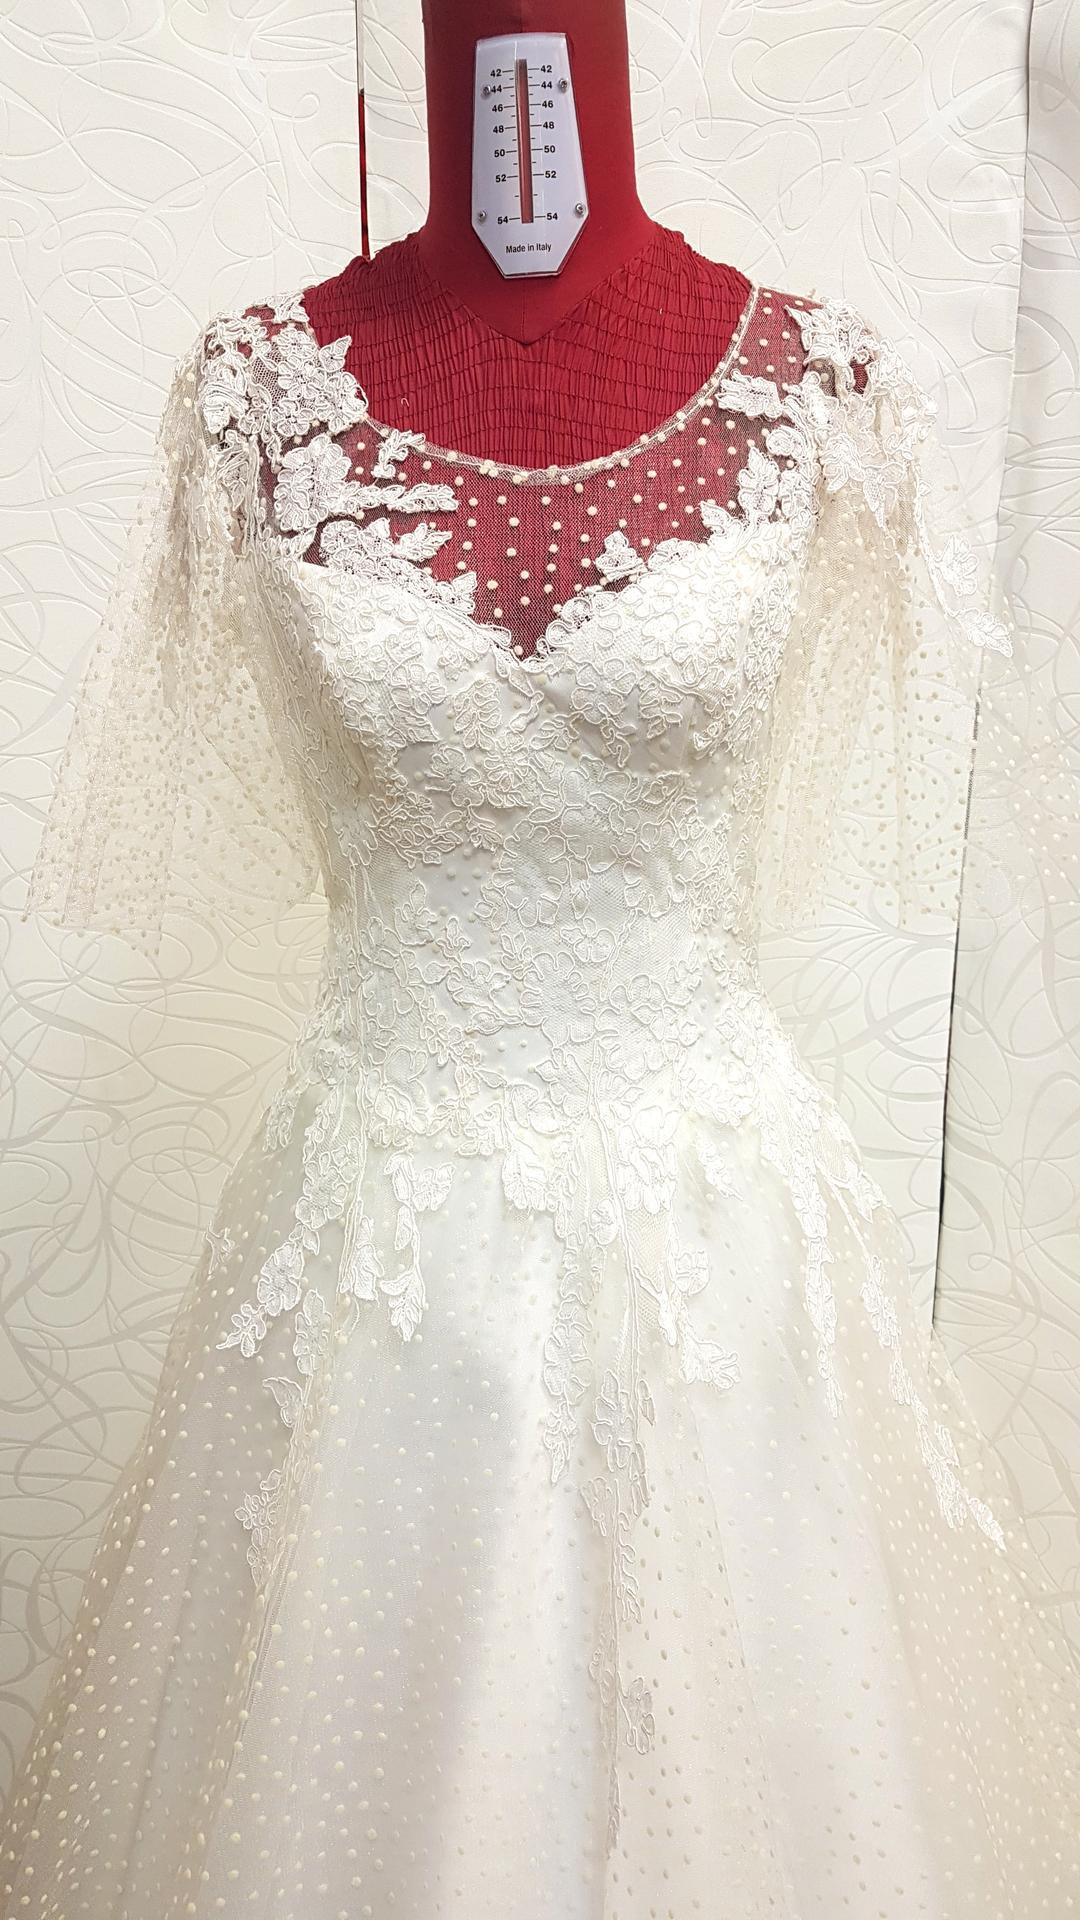 Svadobné šaty na ušité mieru podľa vášho akéhokoľvek výberu. Šaty vám pomôžem navrhnúť,spolu vyberieme material na svadobné šaty. A prekvapenie? Sú za ceny nižšie ako si požičiate v salóne - Obrázok č. 1